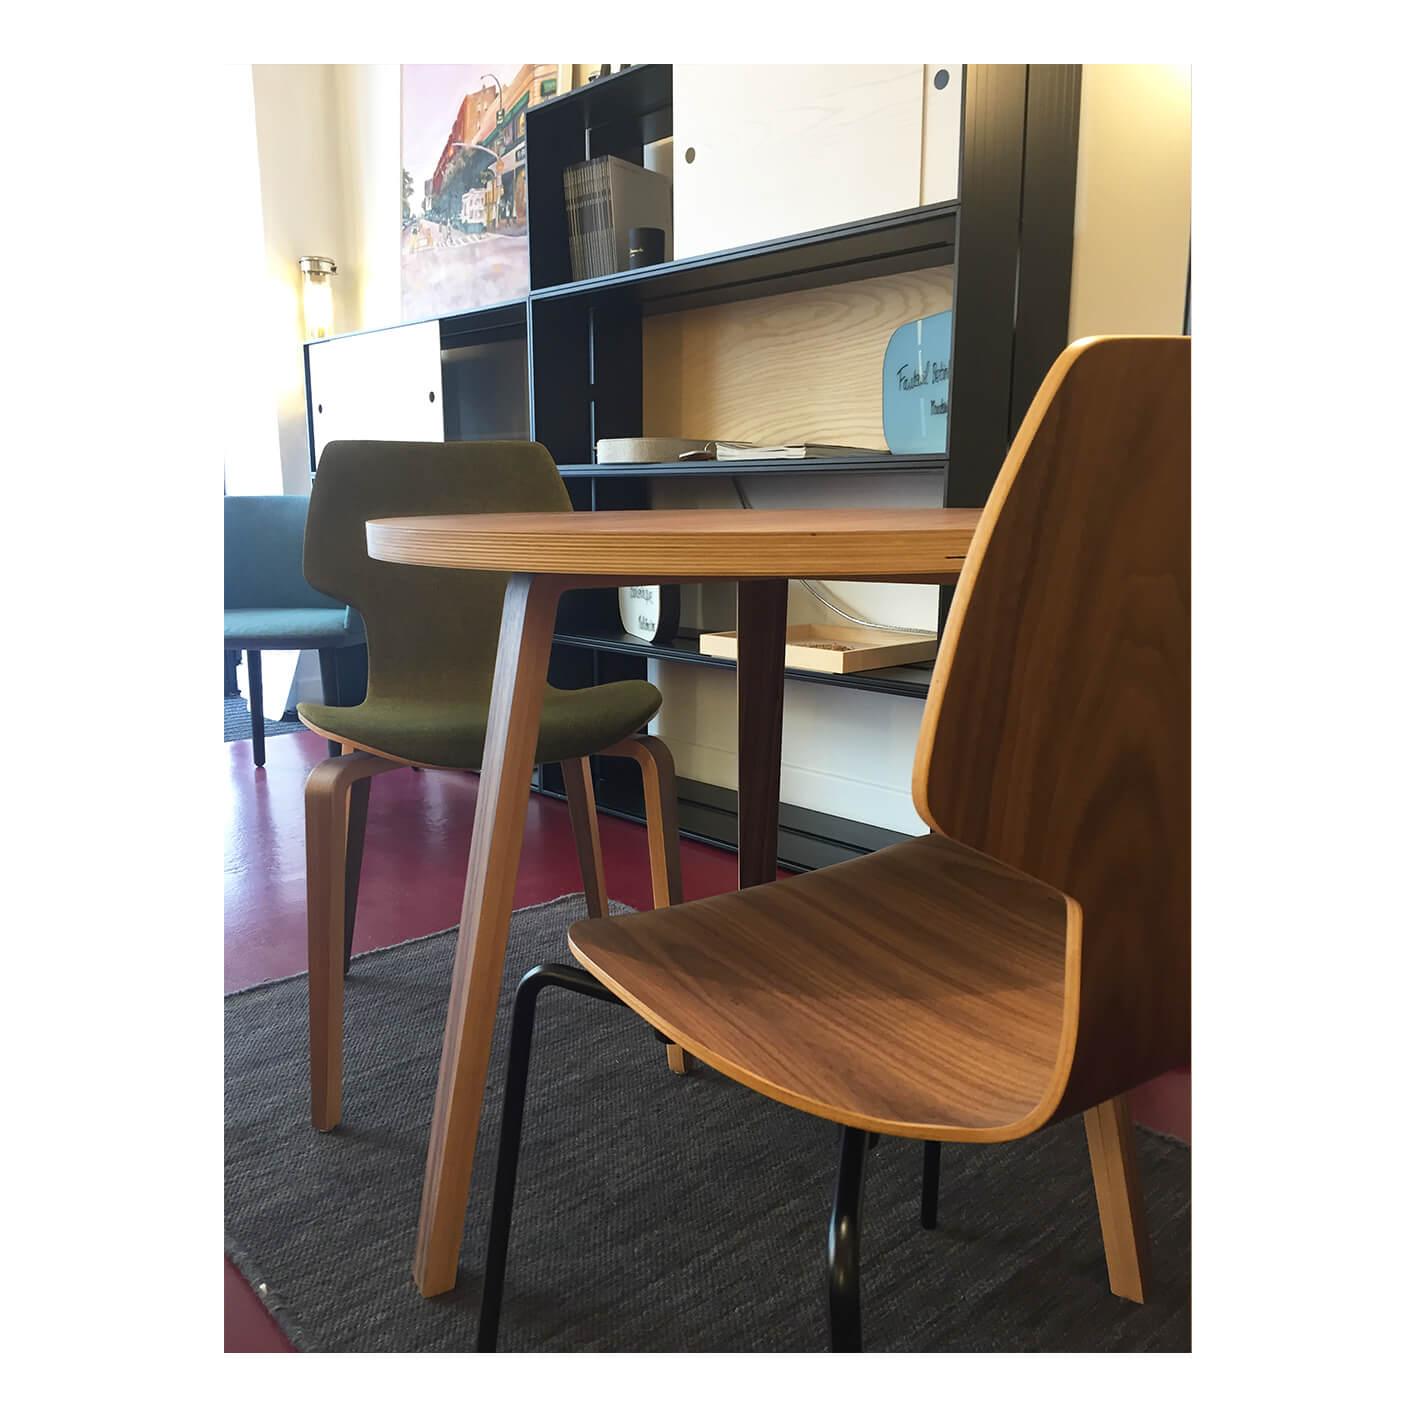 MOBLES114 NVT 04.11.19 4